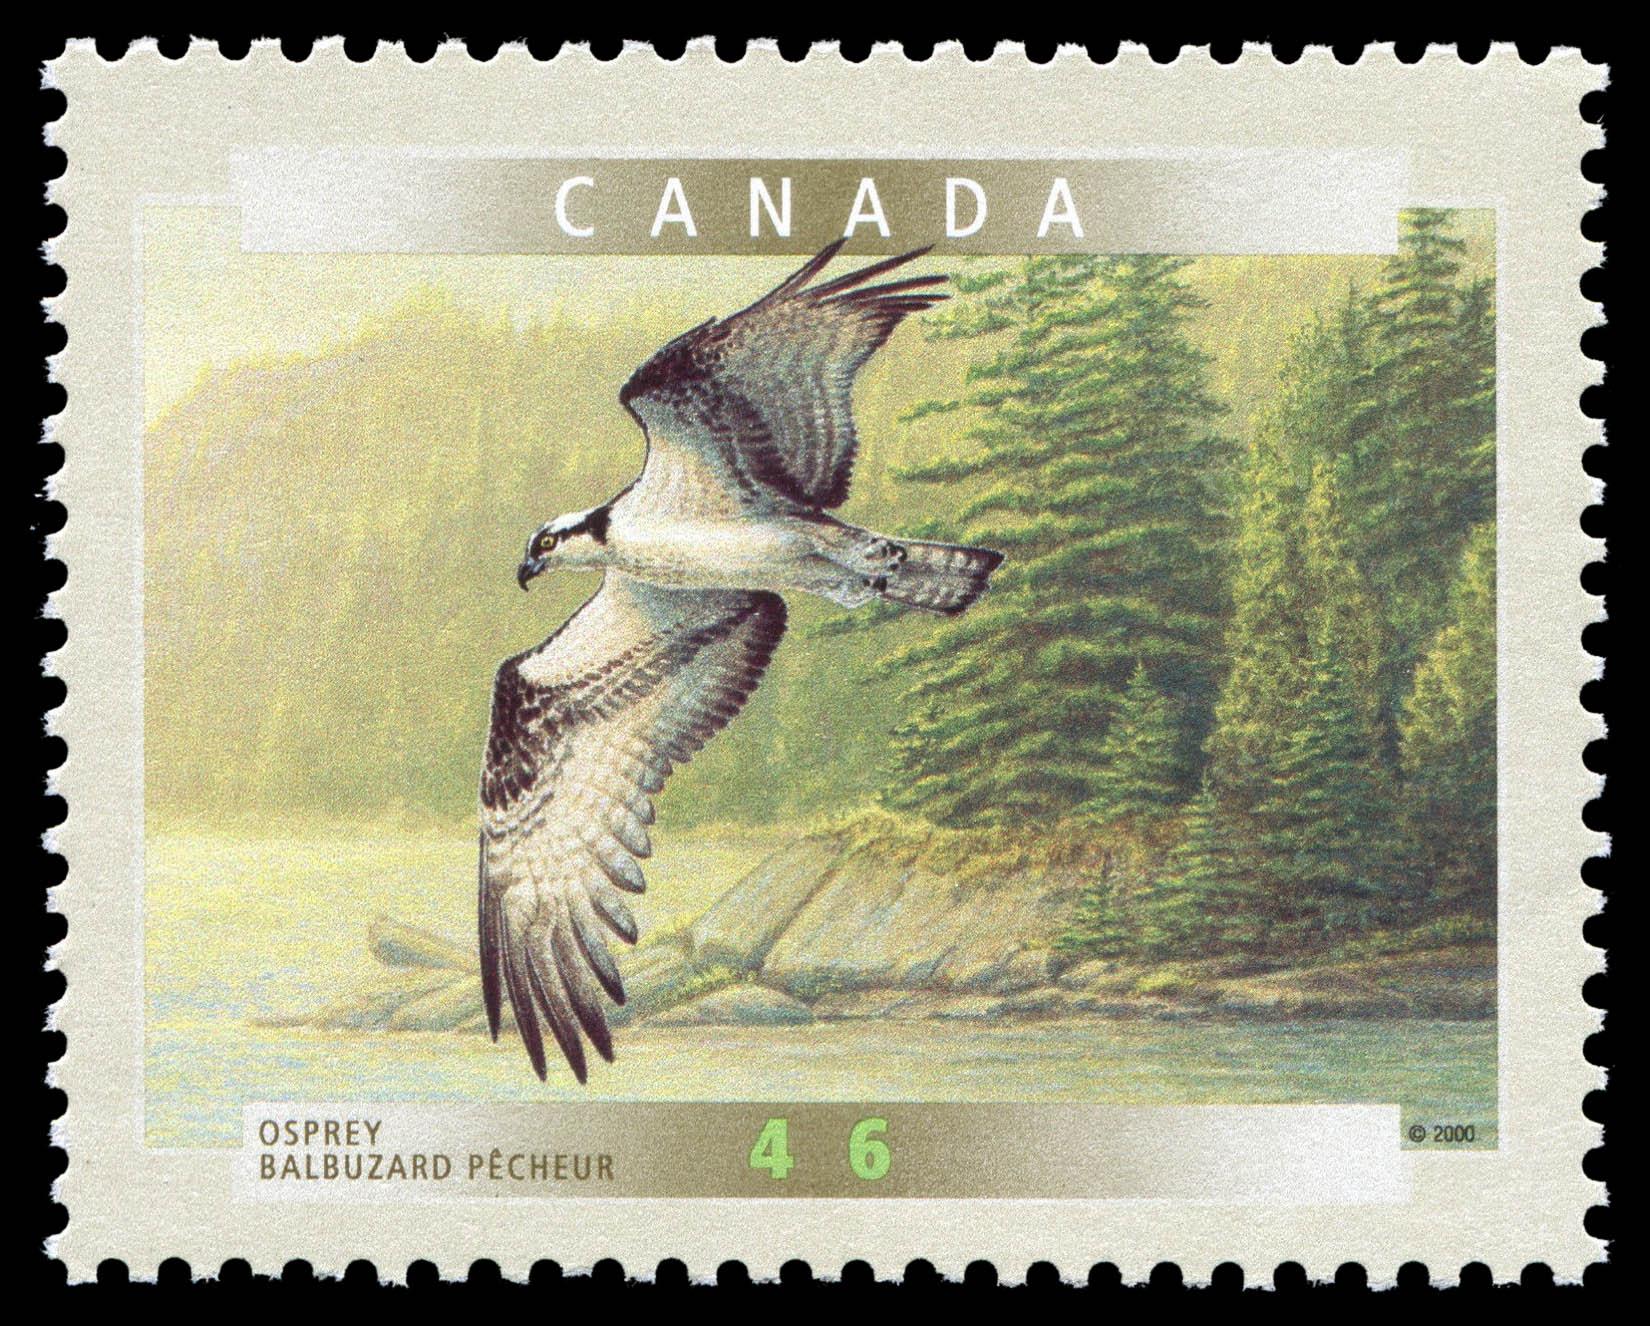 Osprey Canada Postage Stamp   Birds of Canada